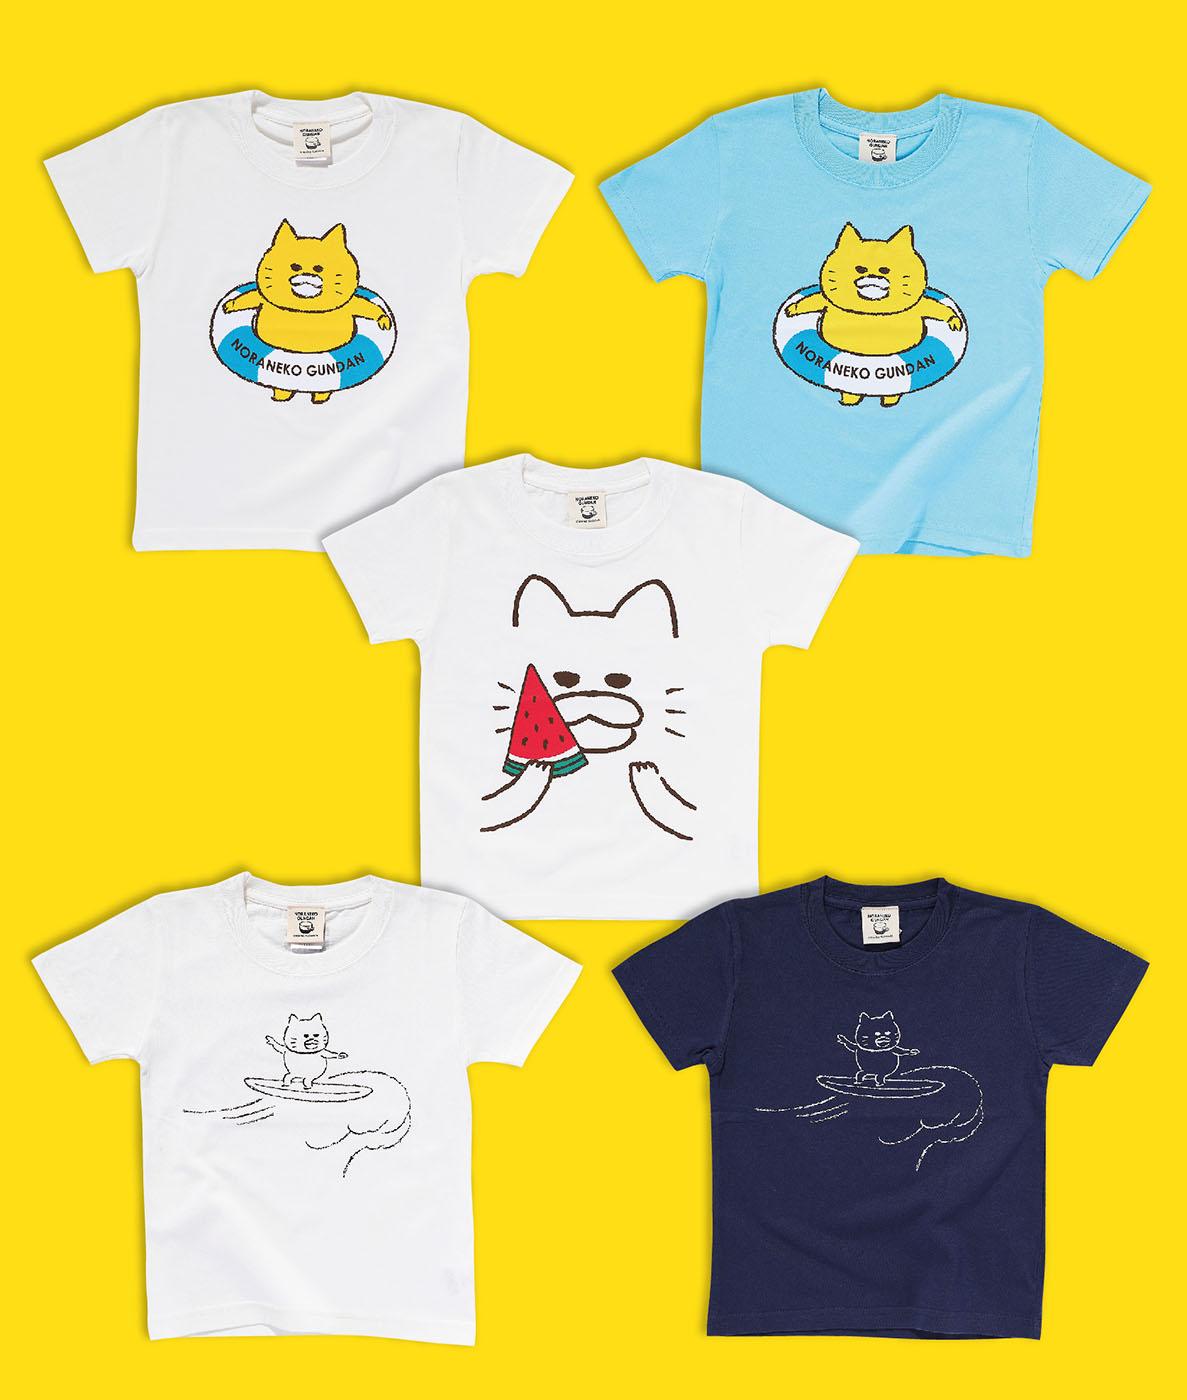 夏の✨ツイッター懸賞✨開催‼️ノラネコぐんだん Tシャツを5名に‼️